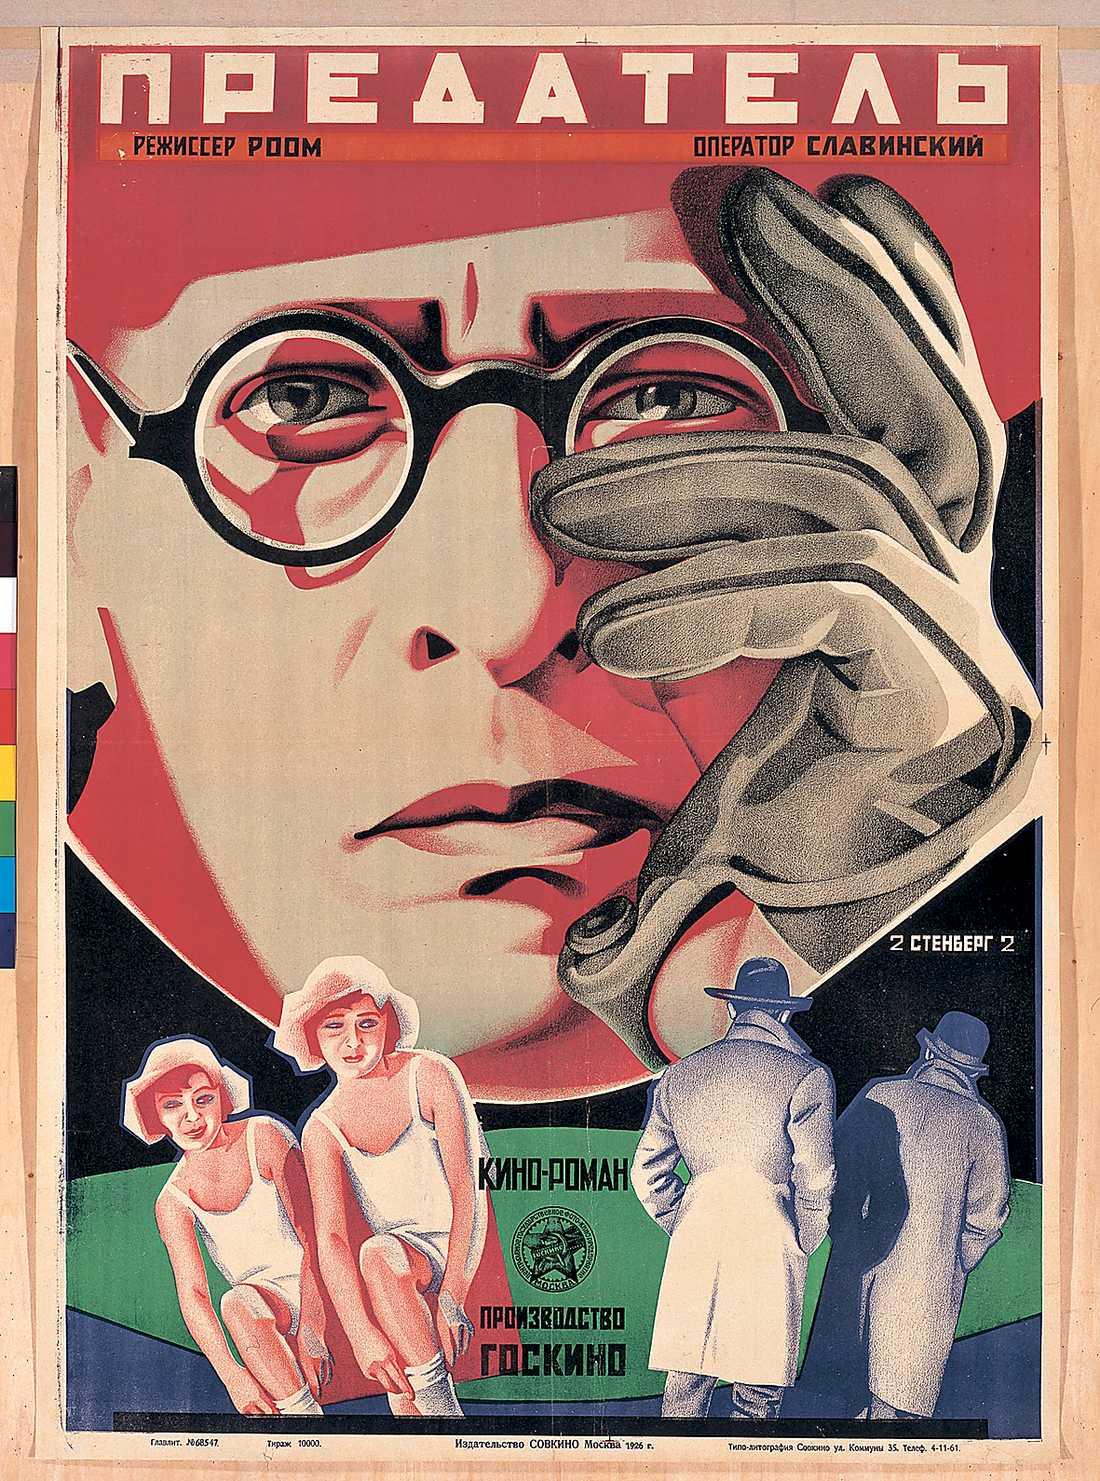 """""""The Traitor"""", Georgij och Vladimir Stenberg, 1929."""